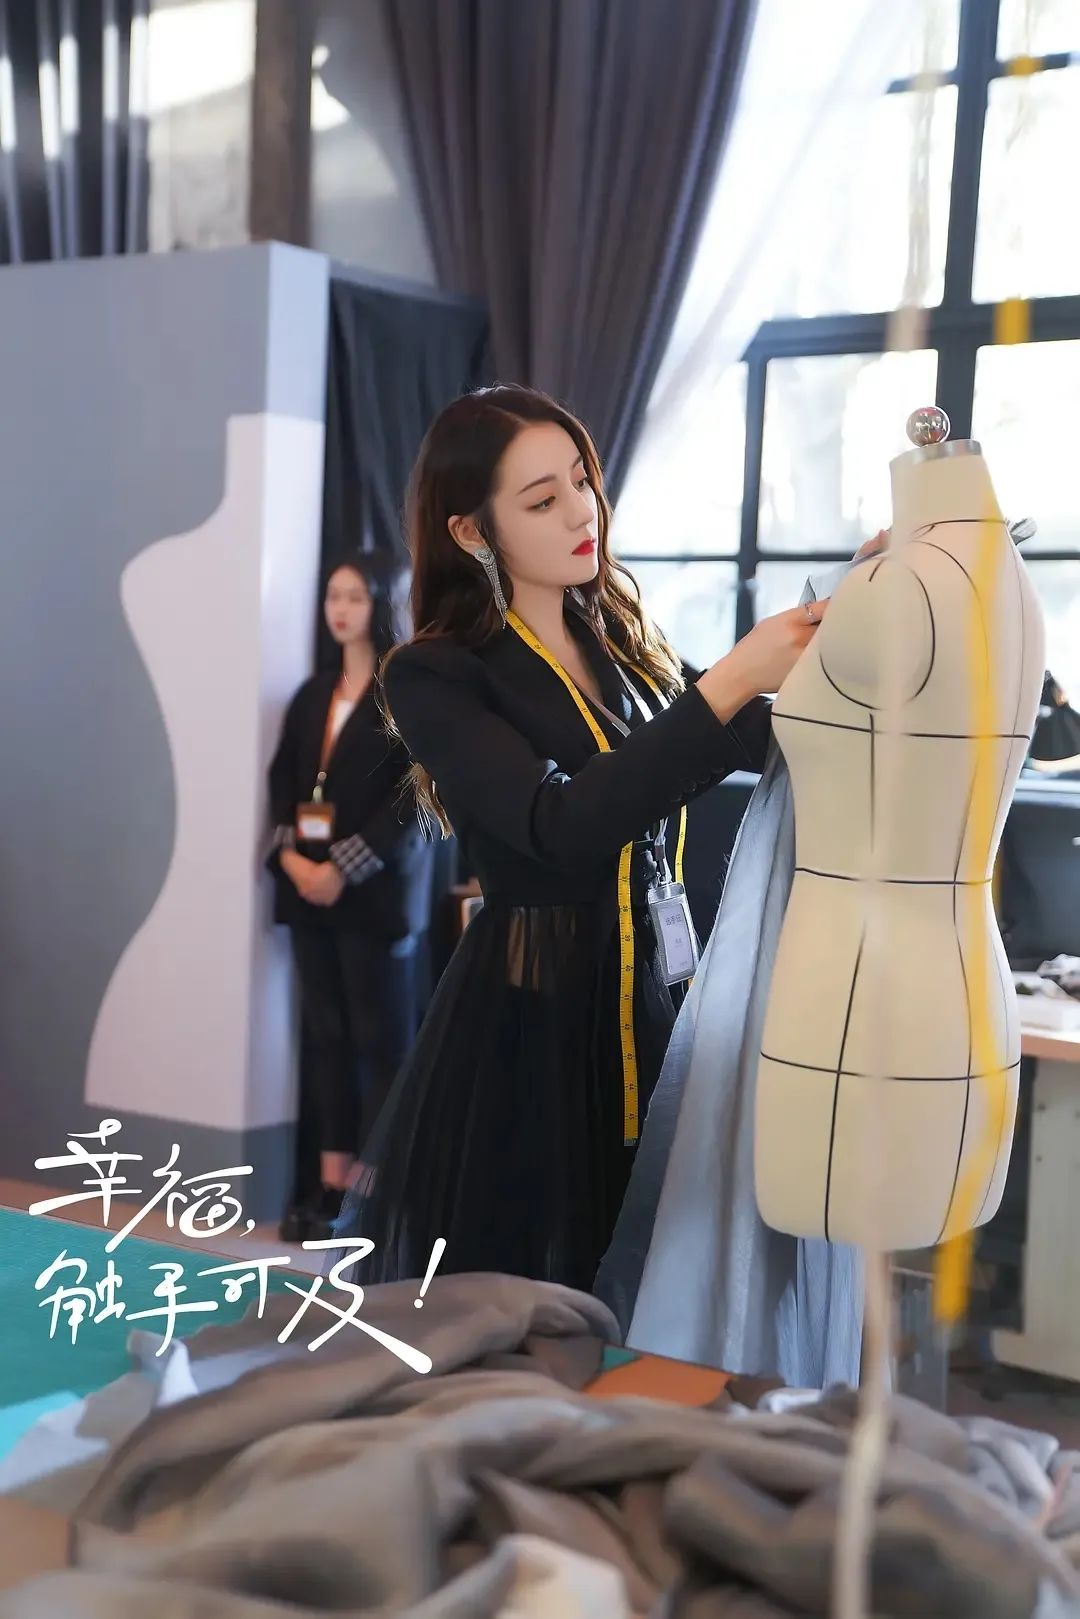 正在热播中,这部颜值在线的电视剧讲述了热巴所饰演的服装设计师周图片